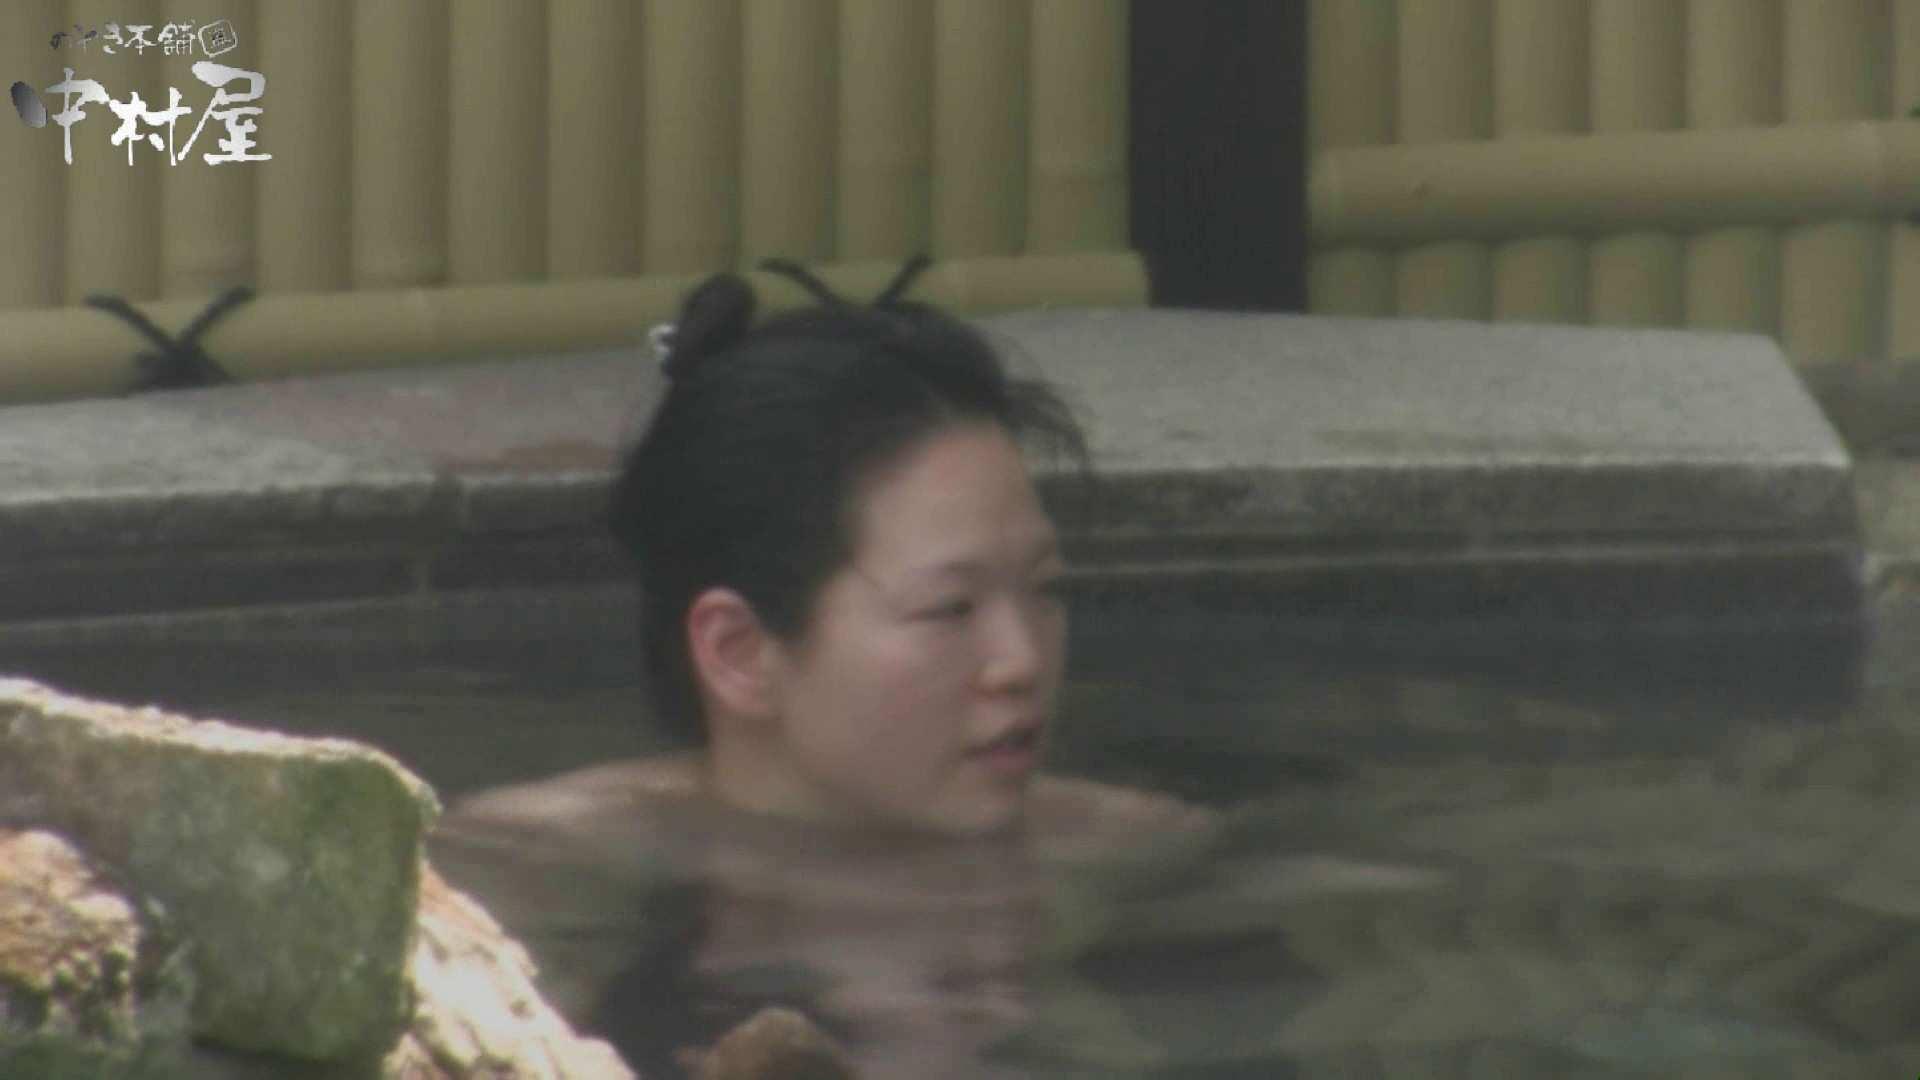 Aquaな露天風呂Vol.927 OLのエロ生活  89連発 57